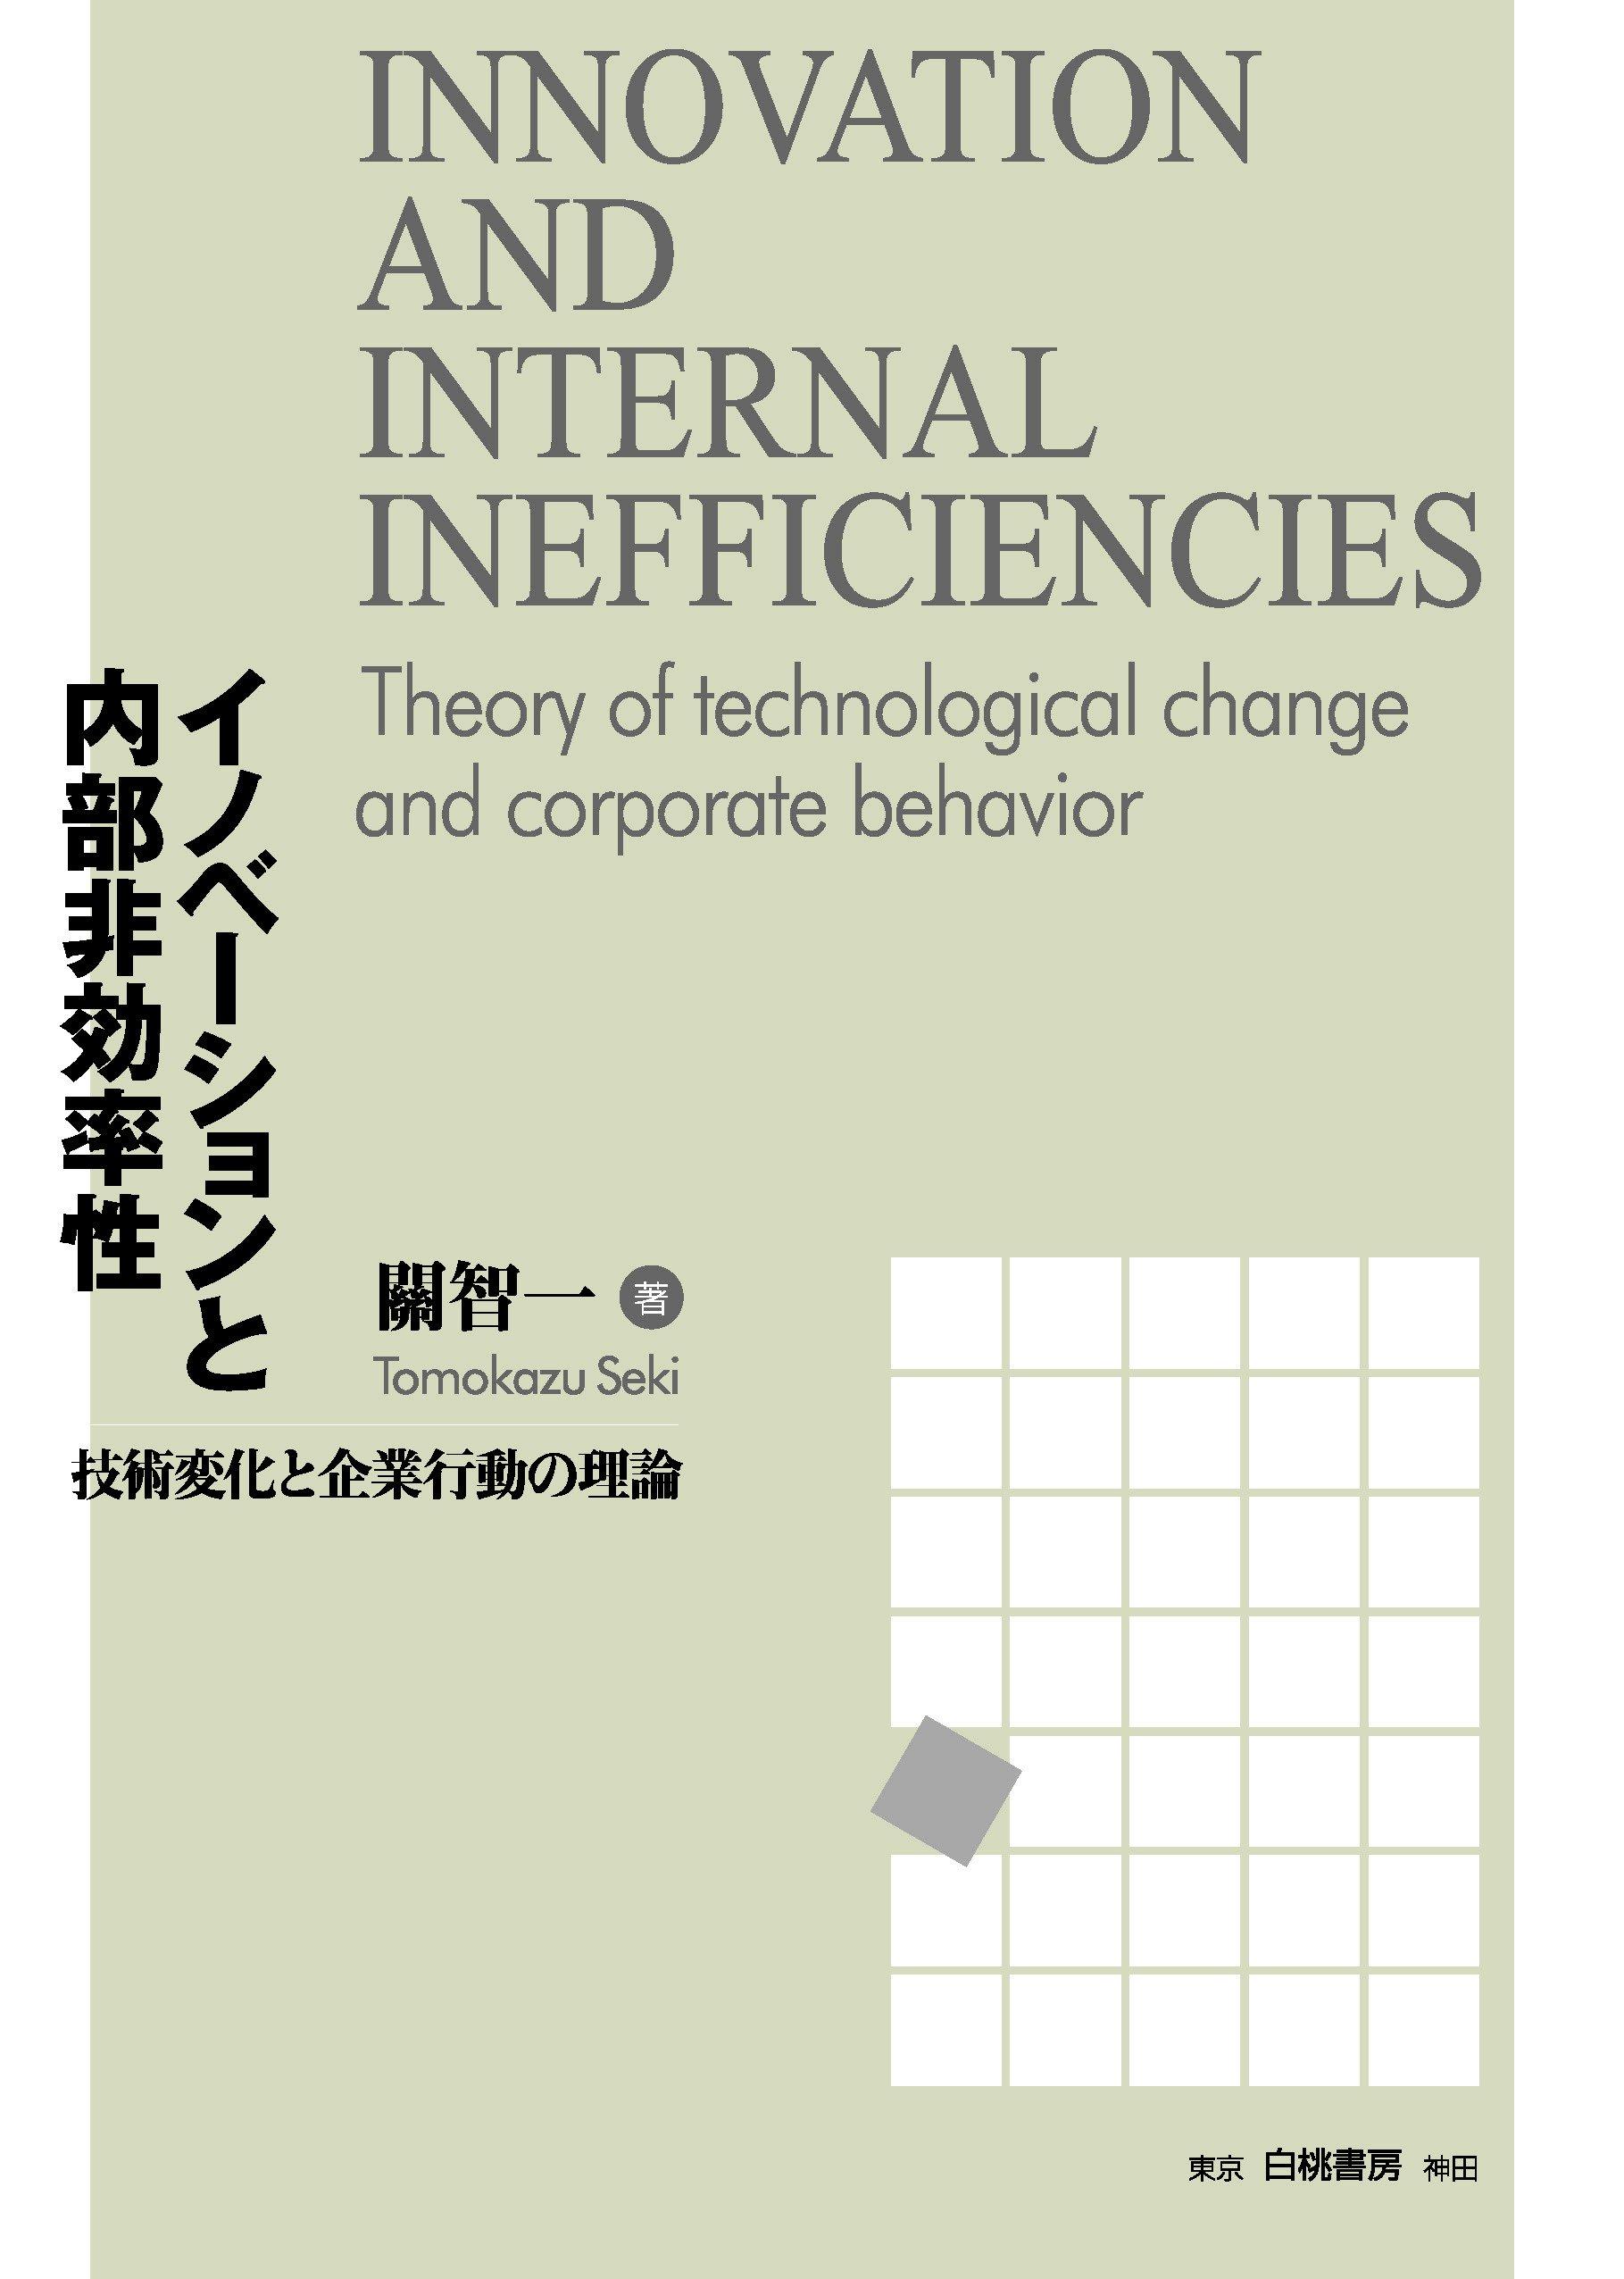 關 智一 著『イノベーションと内部非効率性: 技術変化と企業行動の理論』